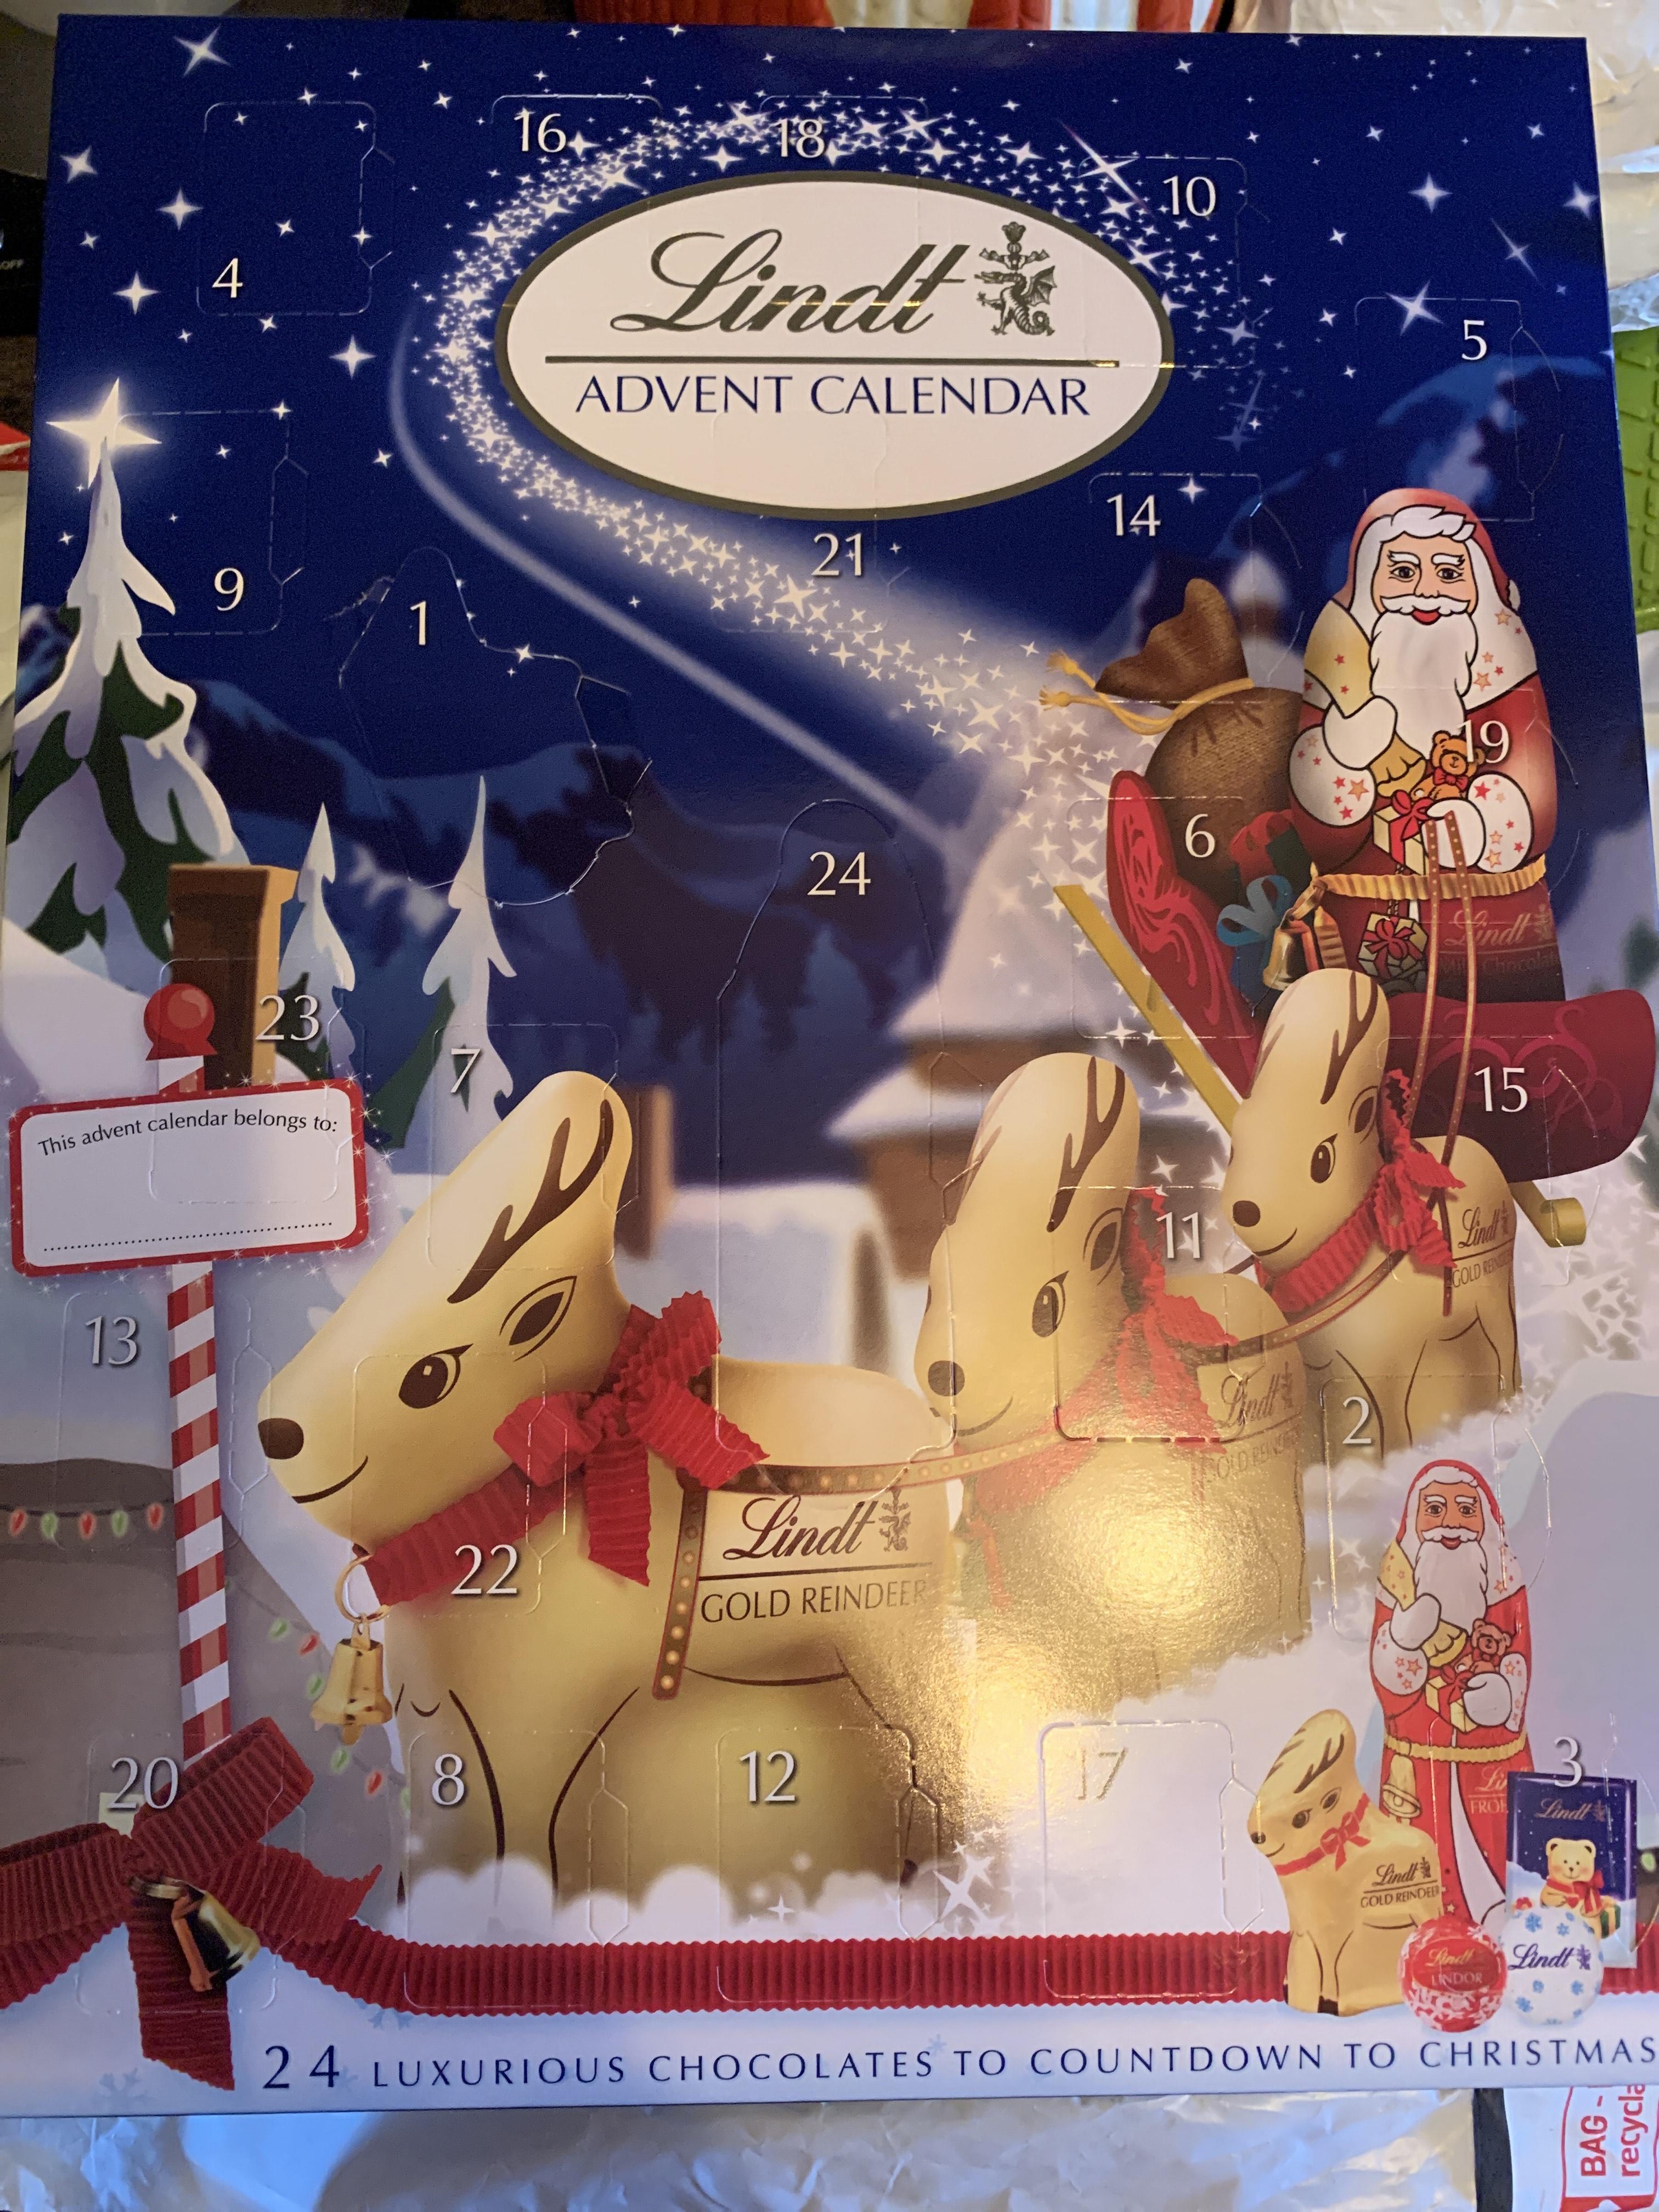 Lindt calendar £1.25 Tesco